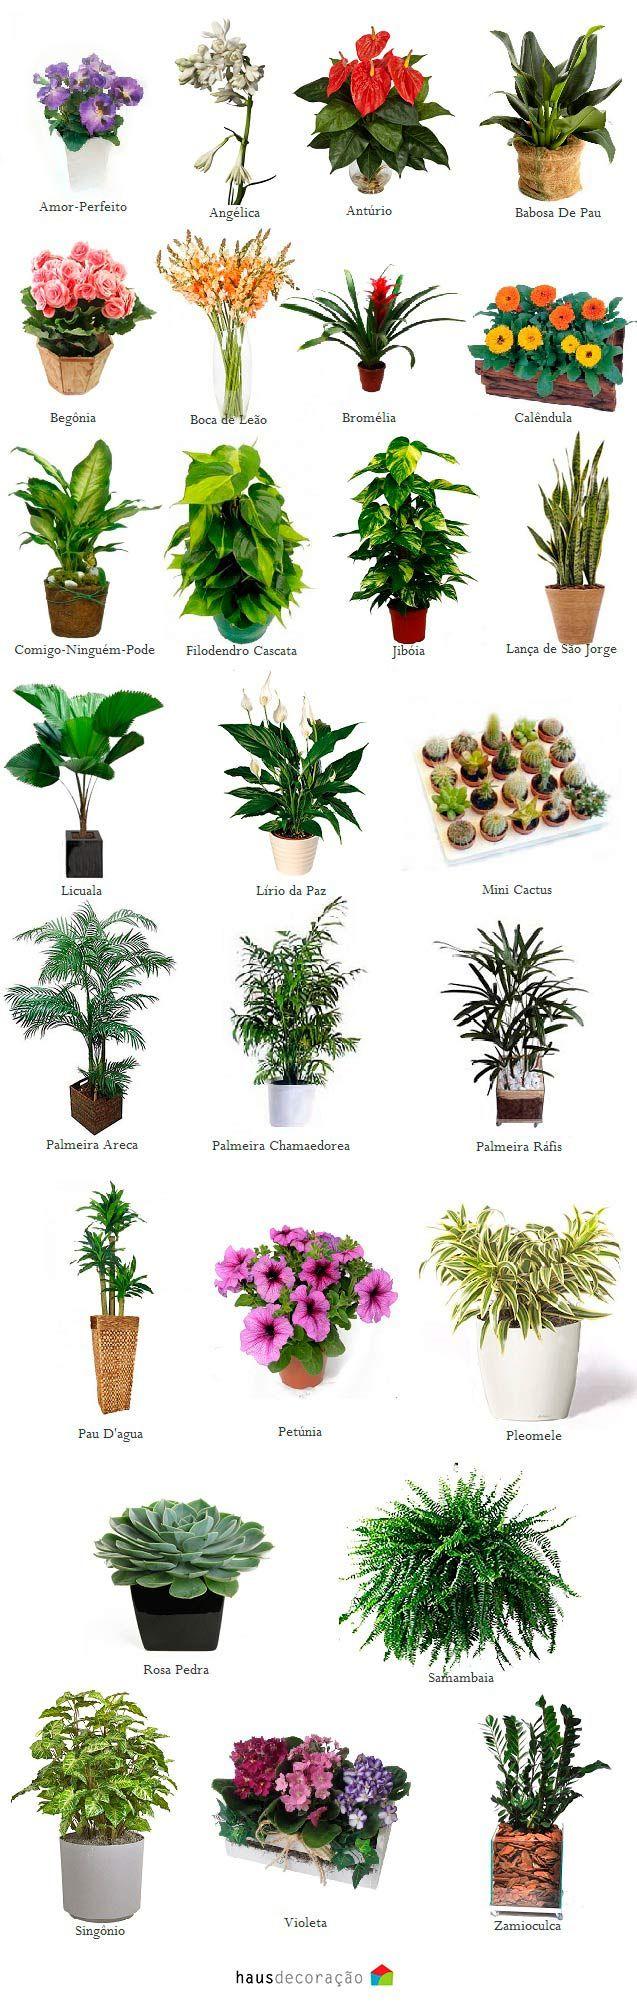 Diversos exemplos de jardim de inverno, dicas de plantas que se usa em ambientes internos, manutenção e muito mais. Clica ai e confira :)